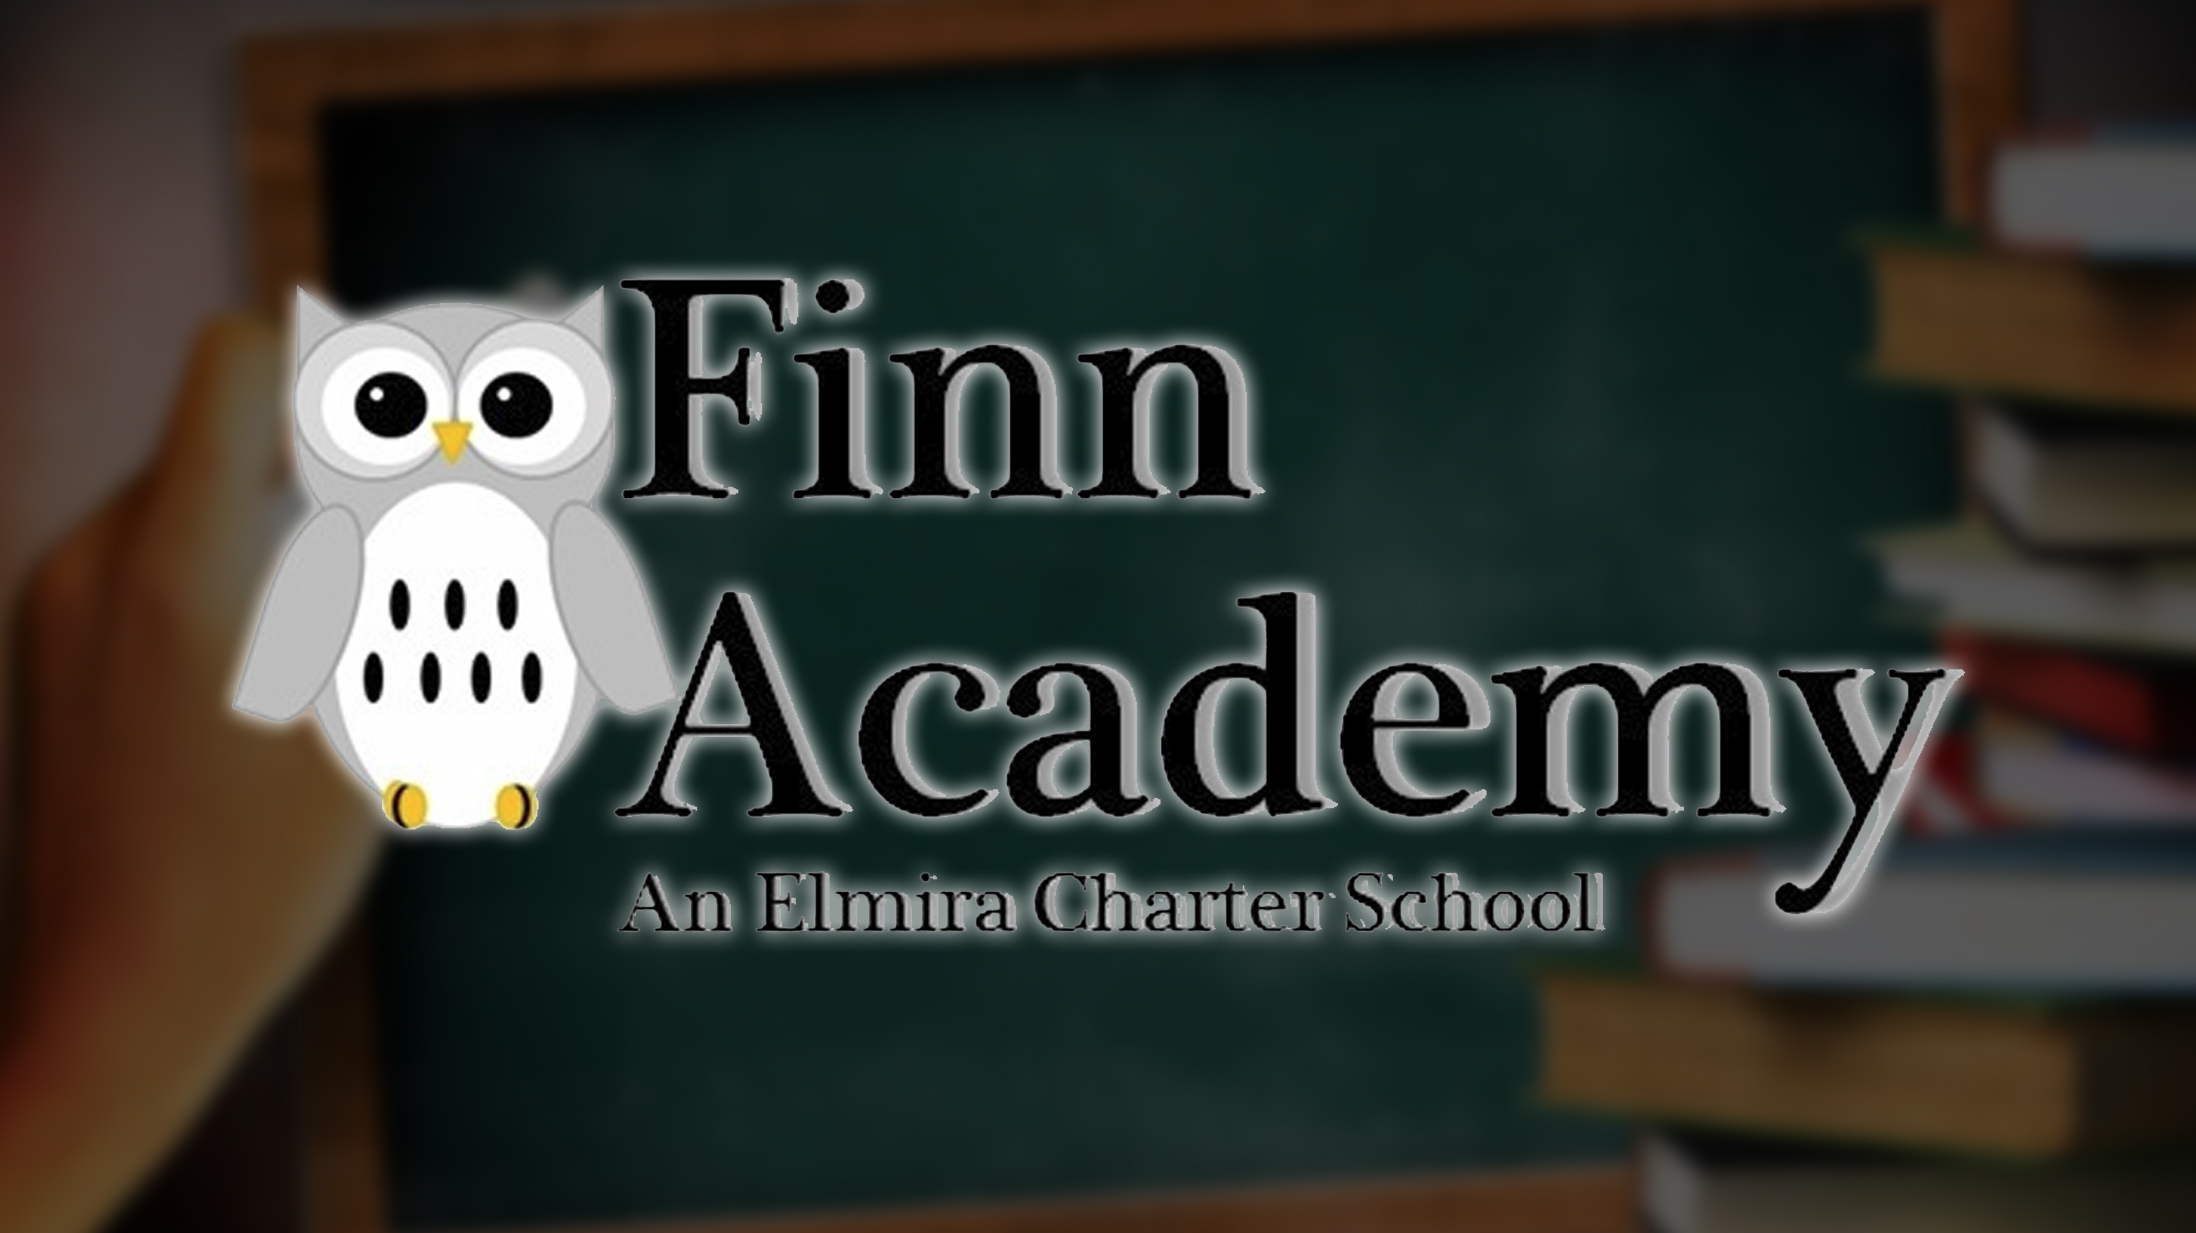 Finn Academy_1455416209754.jpg